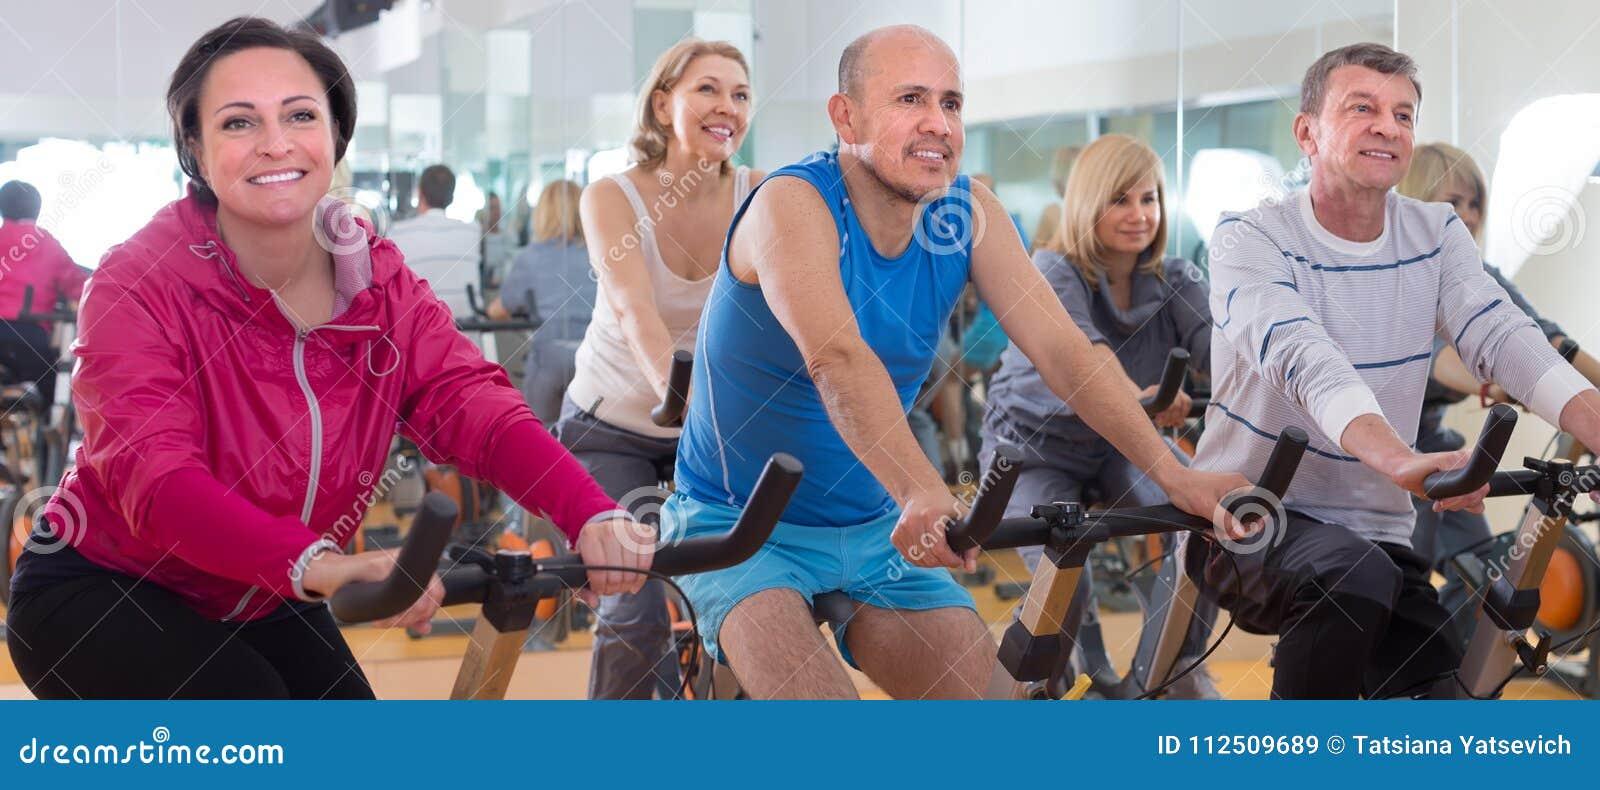 老人做在锻炼脚踏车的体育